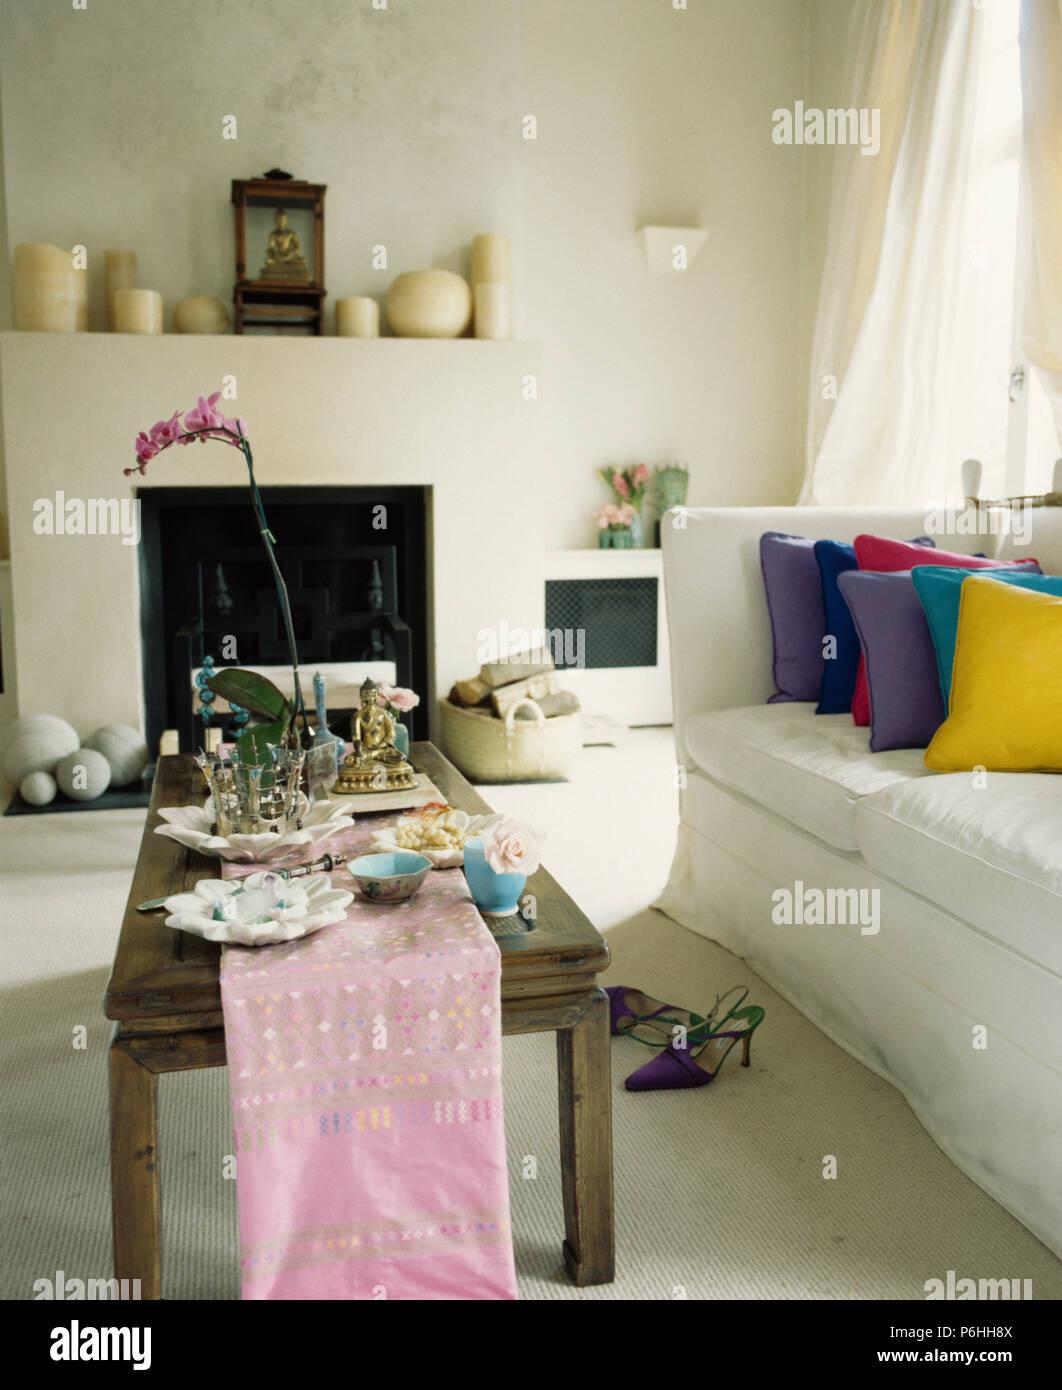 Rosa Läufer Auf Rustikalem Holz Tisch Vor Der Weißen Sofa Mit Bunten Kissen  In Weiß Wohnzimmer Mit Weissen Teppich